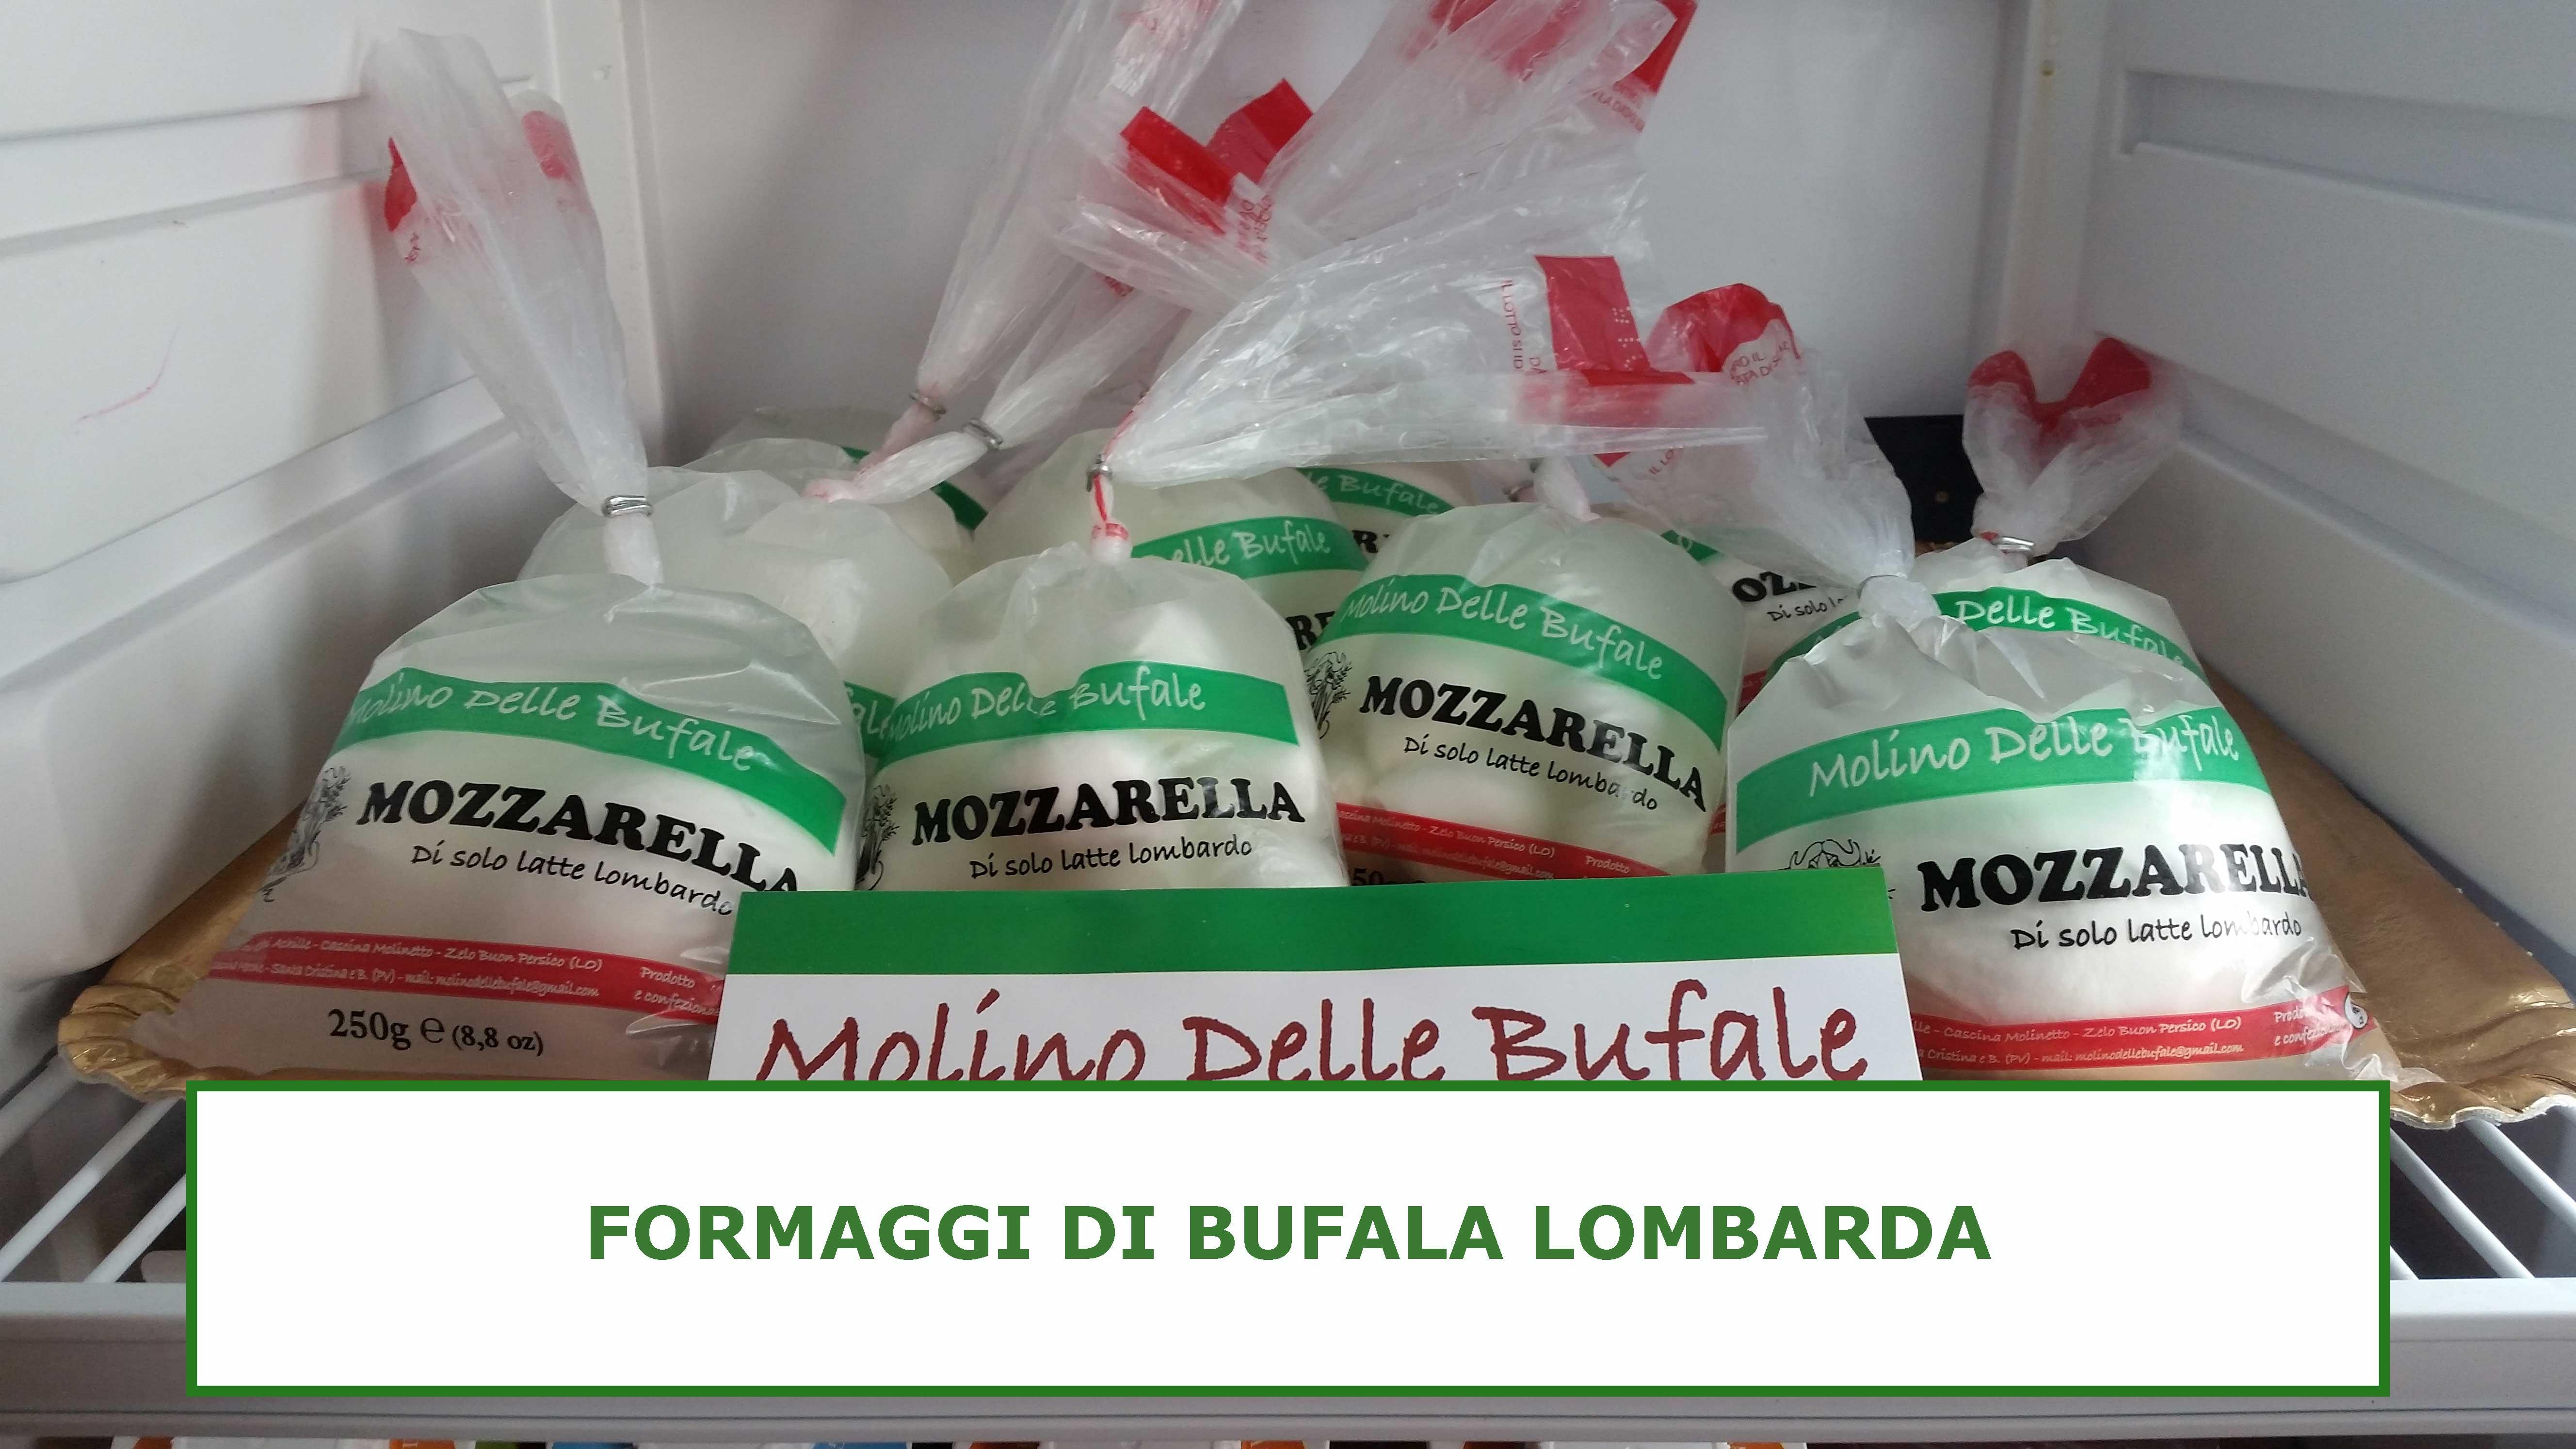 FORMAGGI-DI-BUFALA-LOMBARDA